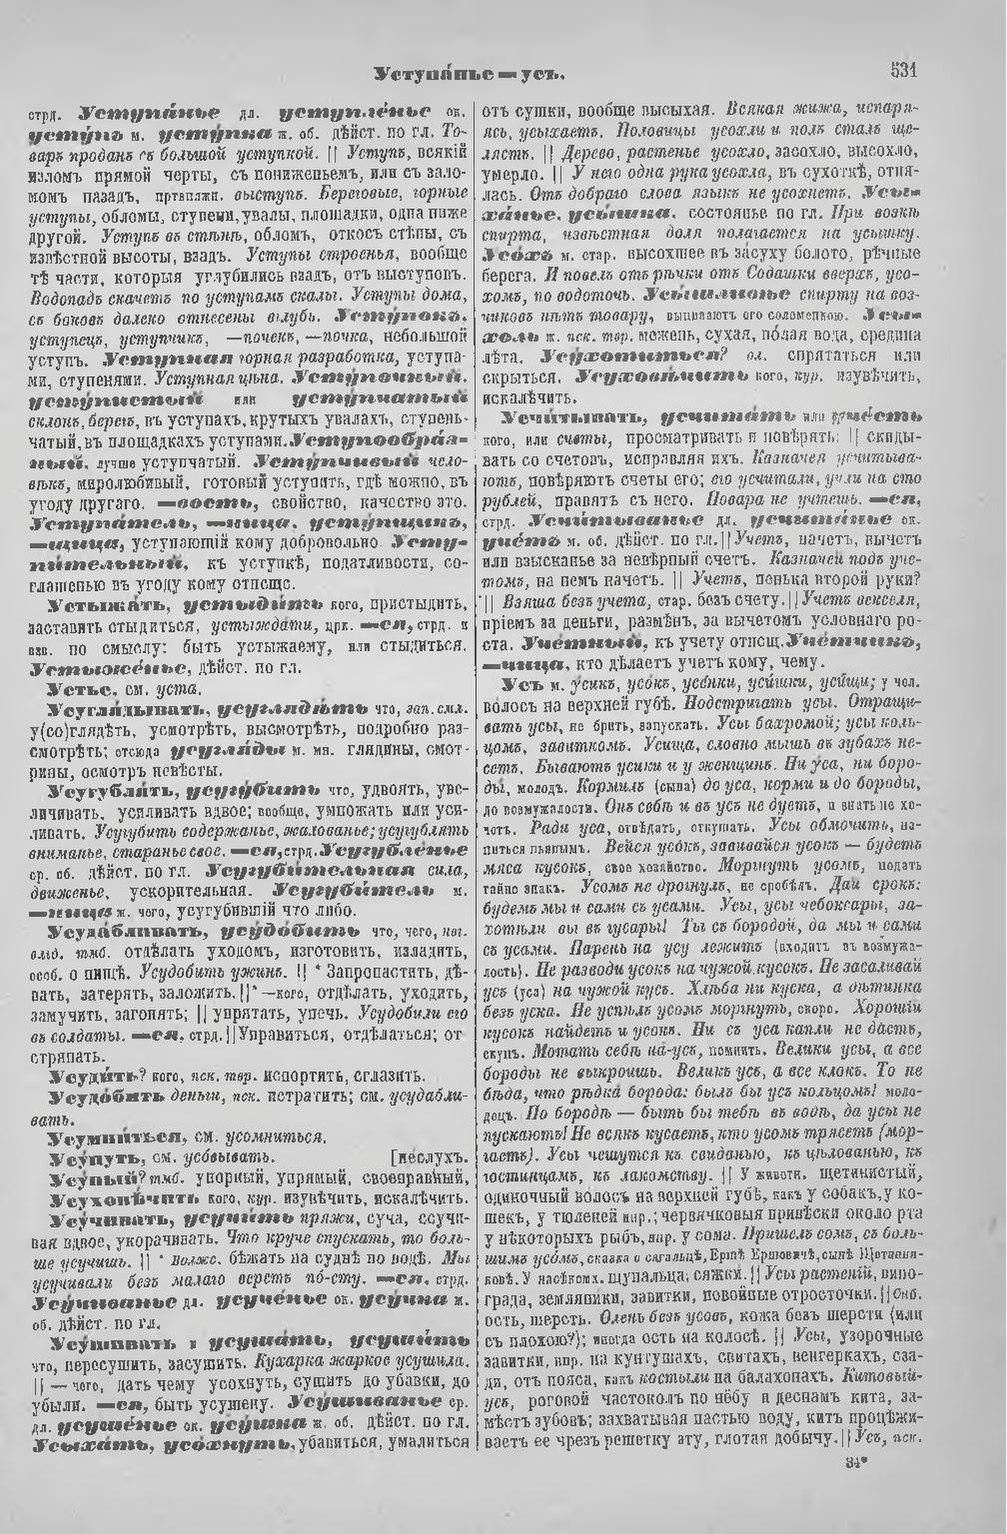 Толковый словарь ожегова слово за вычетом